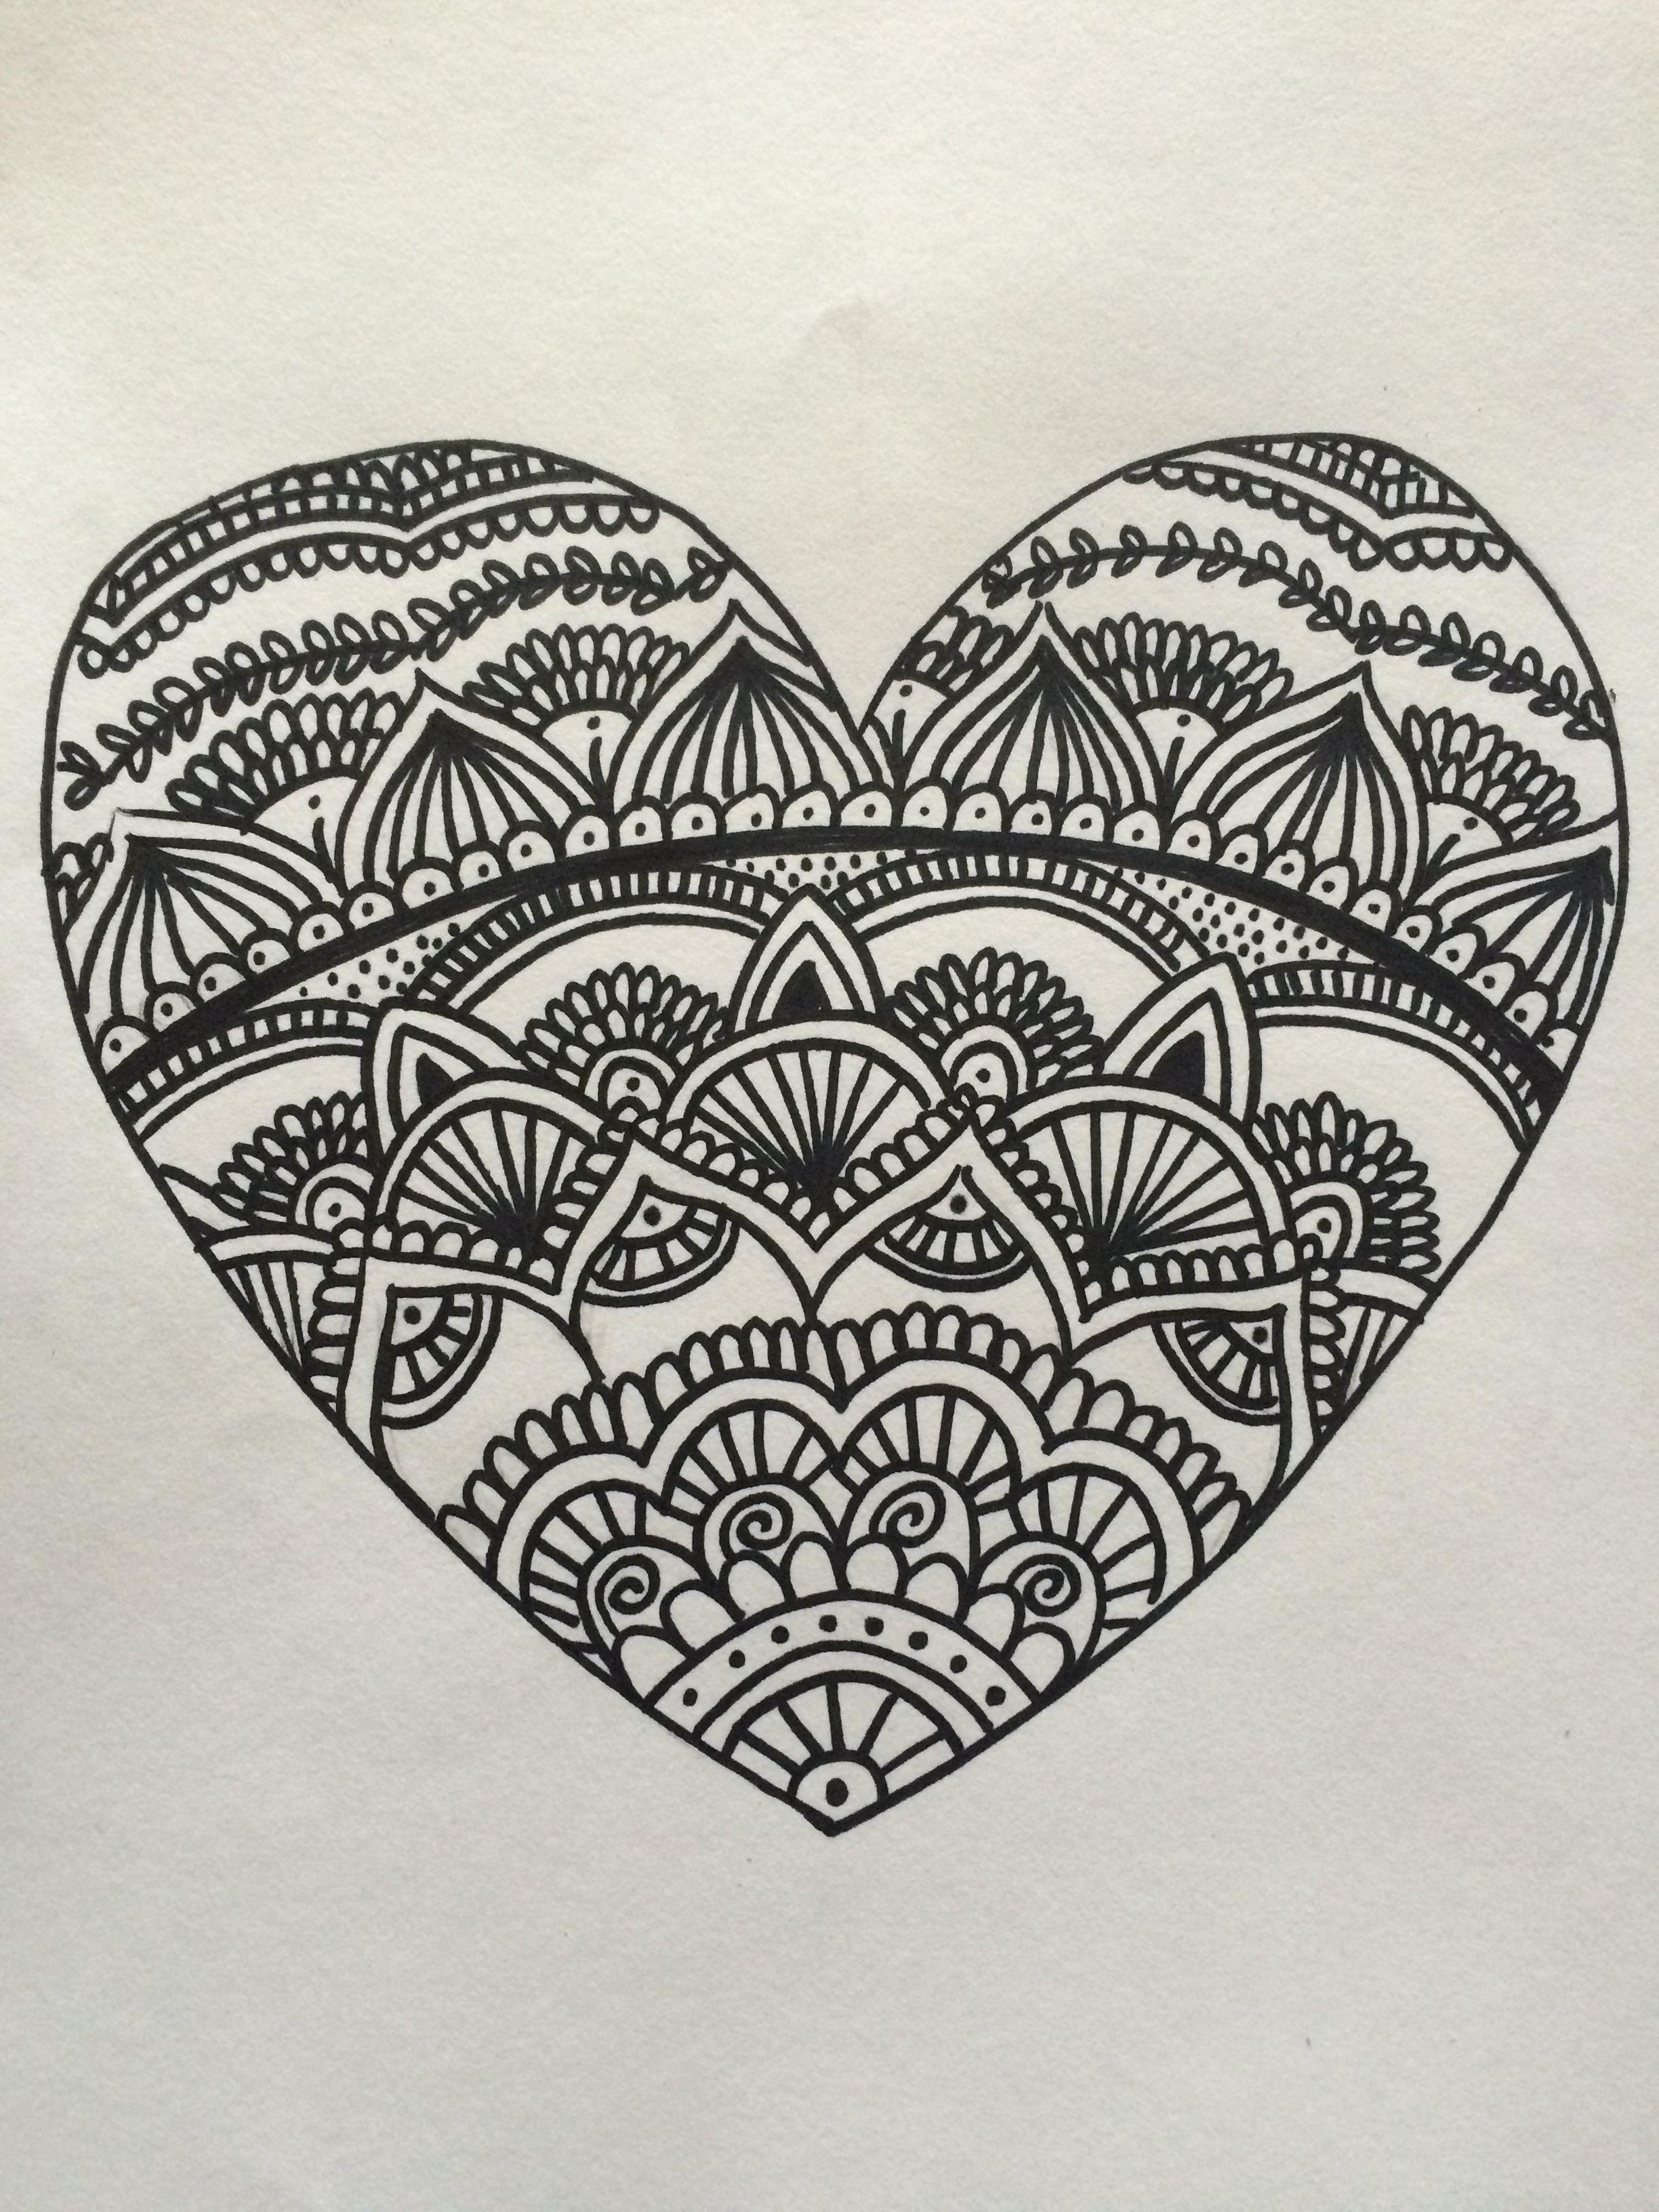 Corazón zentangle art | My crafts | Pinterest | Zentangle y Mandalas